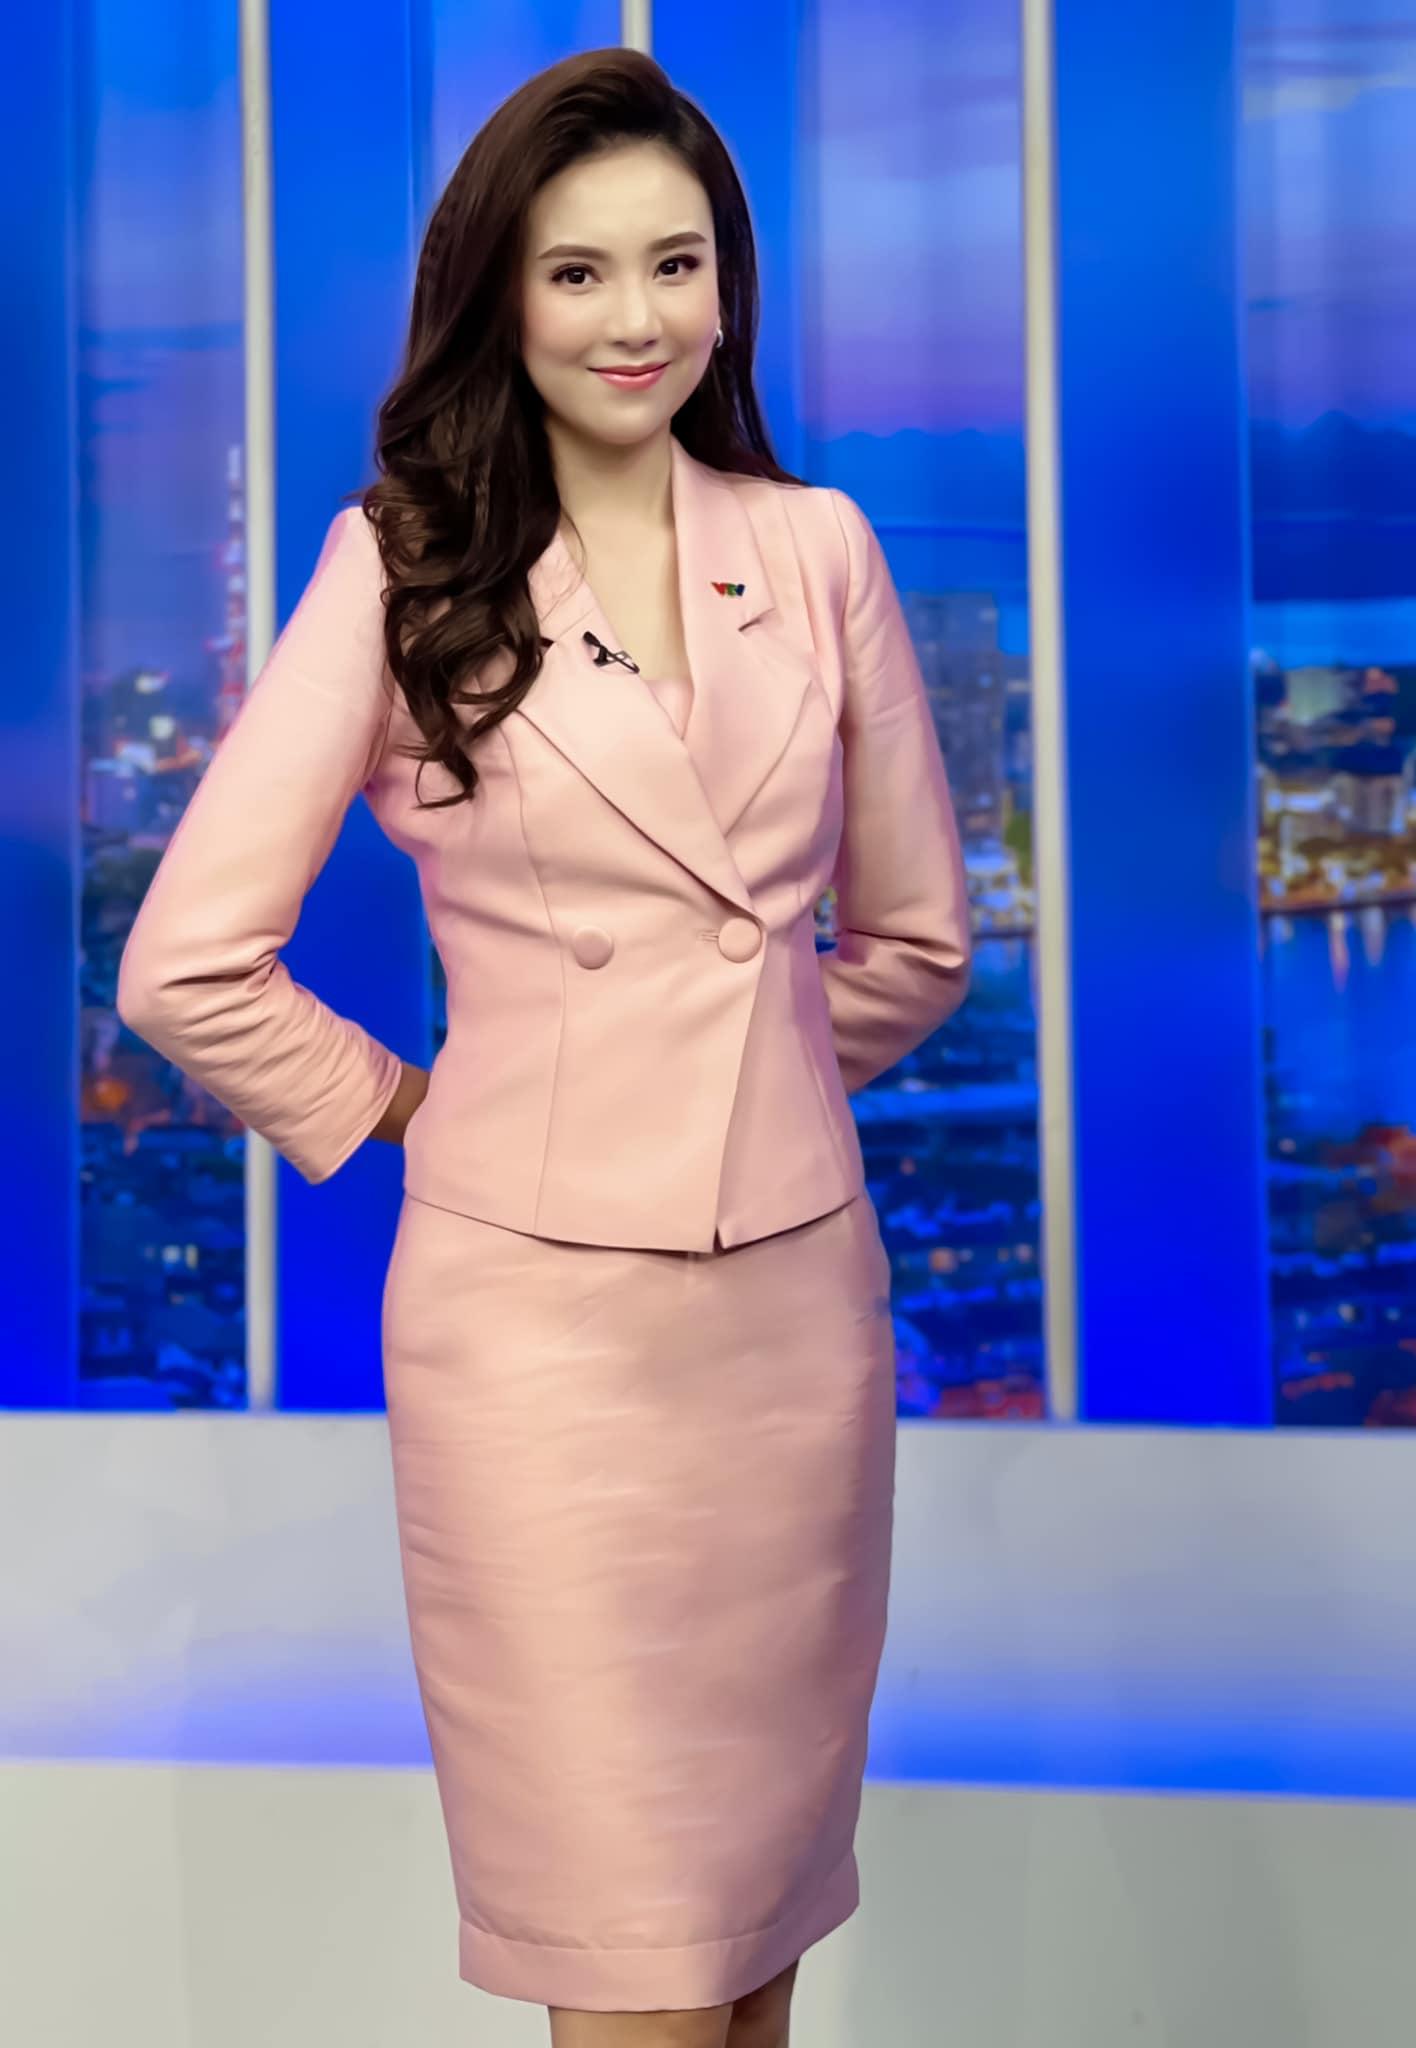 MC Mai Ngọc: Ưu điểm nhan sắc và khuyết điểm makeup nên cẩn trọng khi học theo - Ảnh 1.